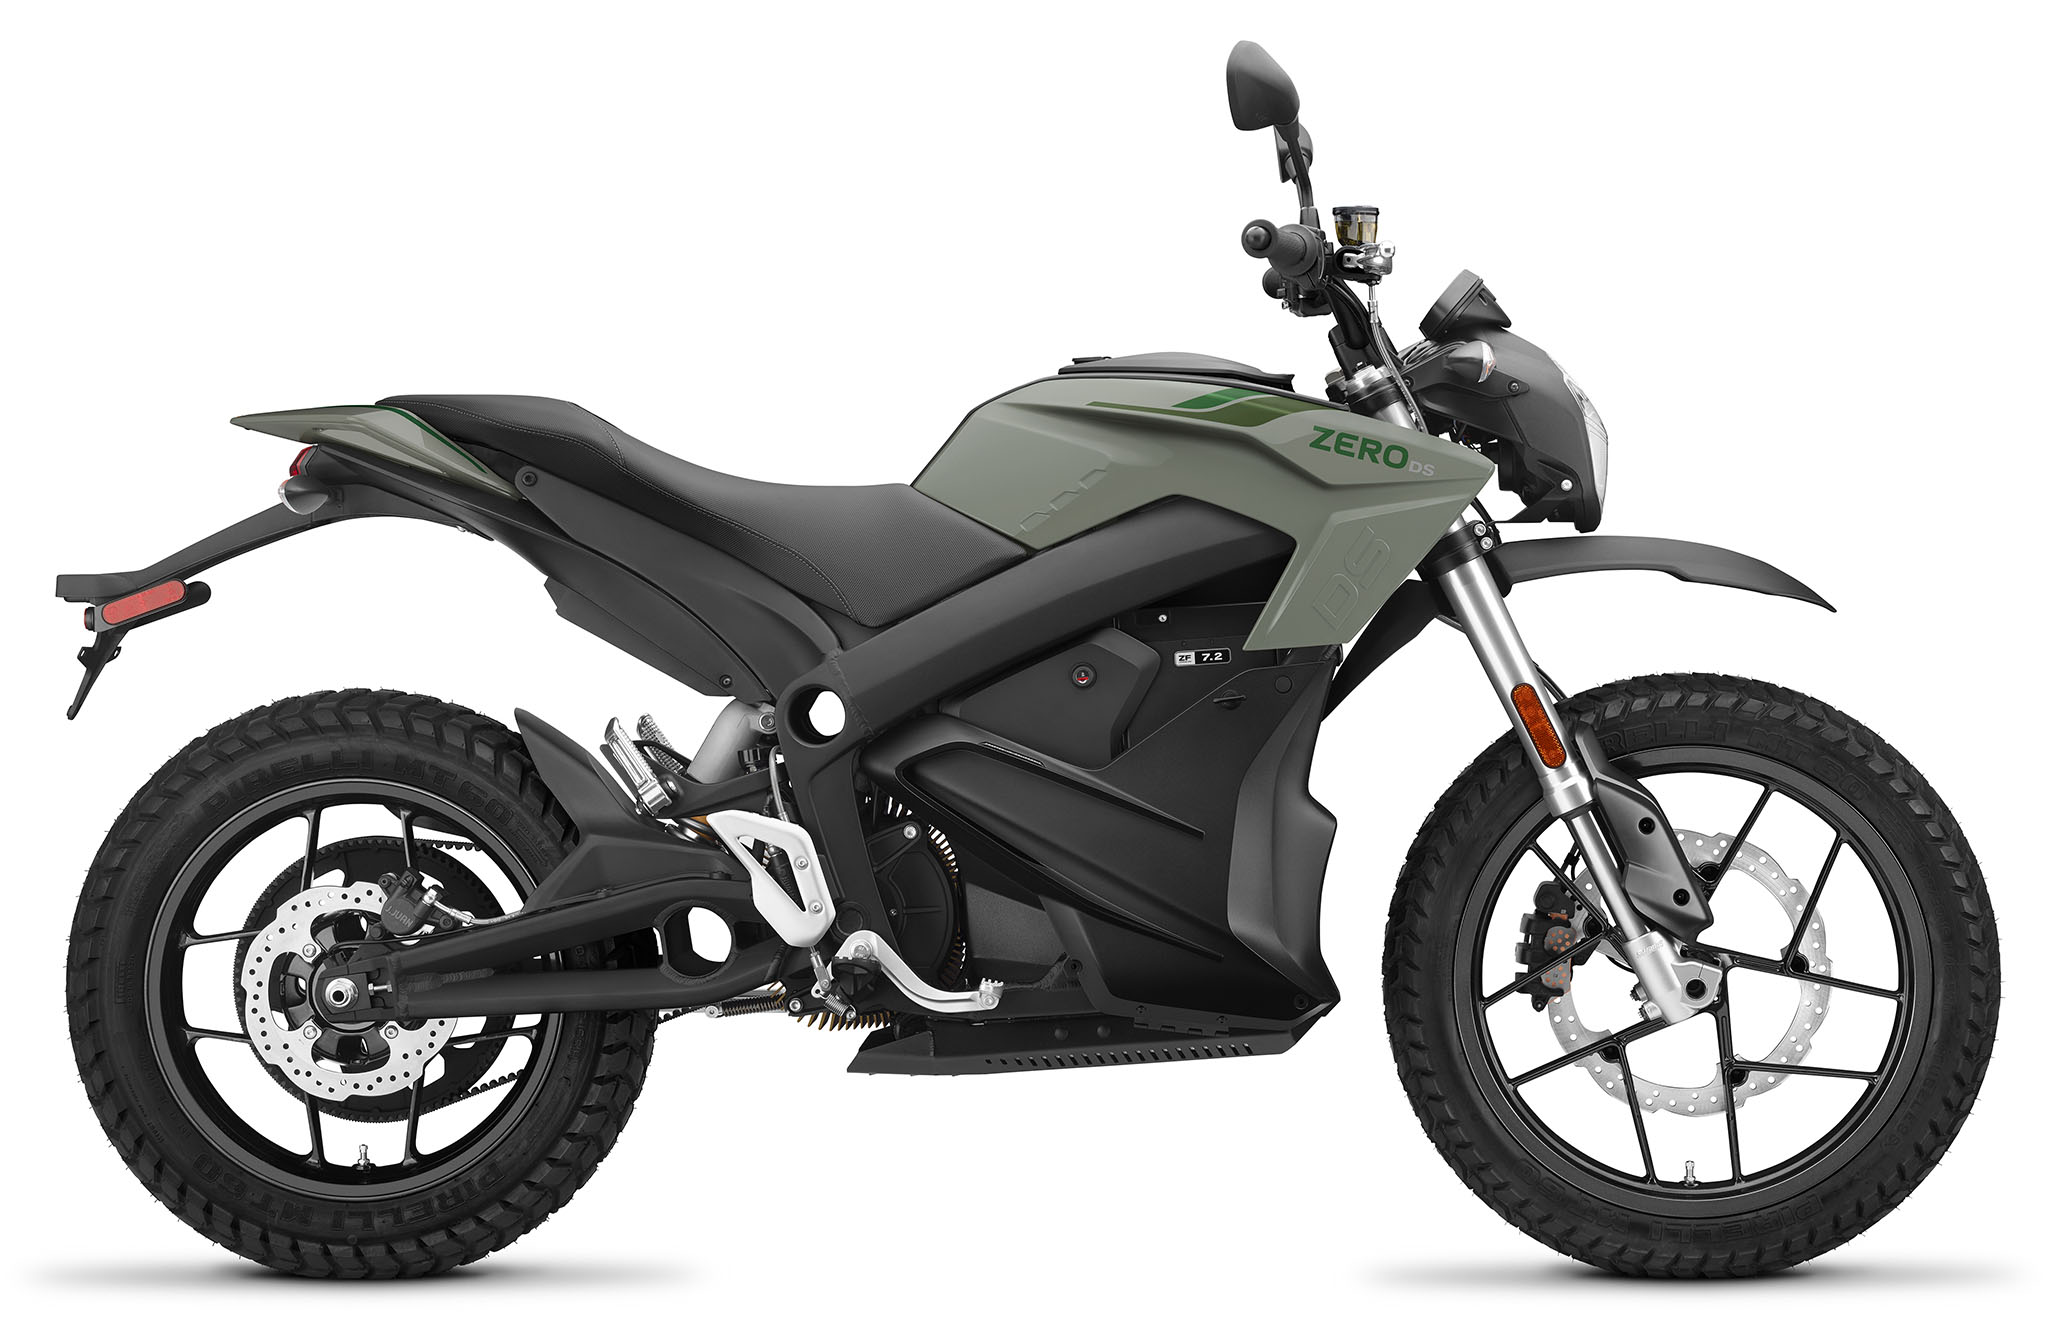 Zero DS finns bara i 11 kW-utförande som 2021 års modell.